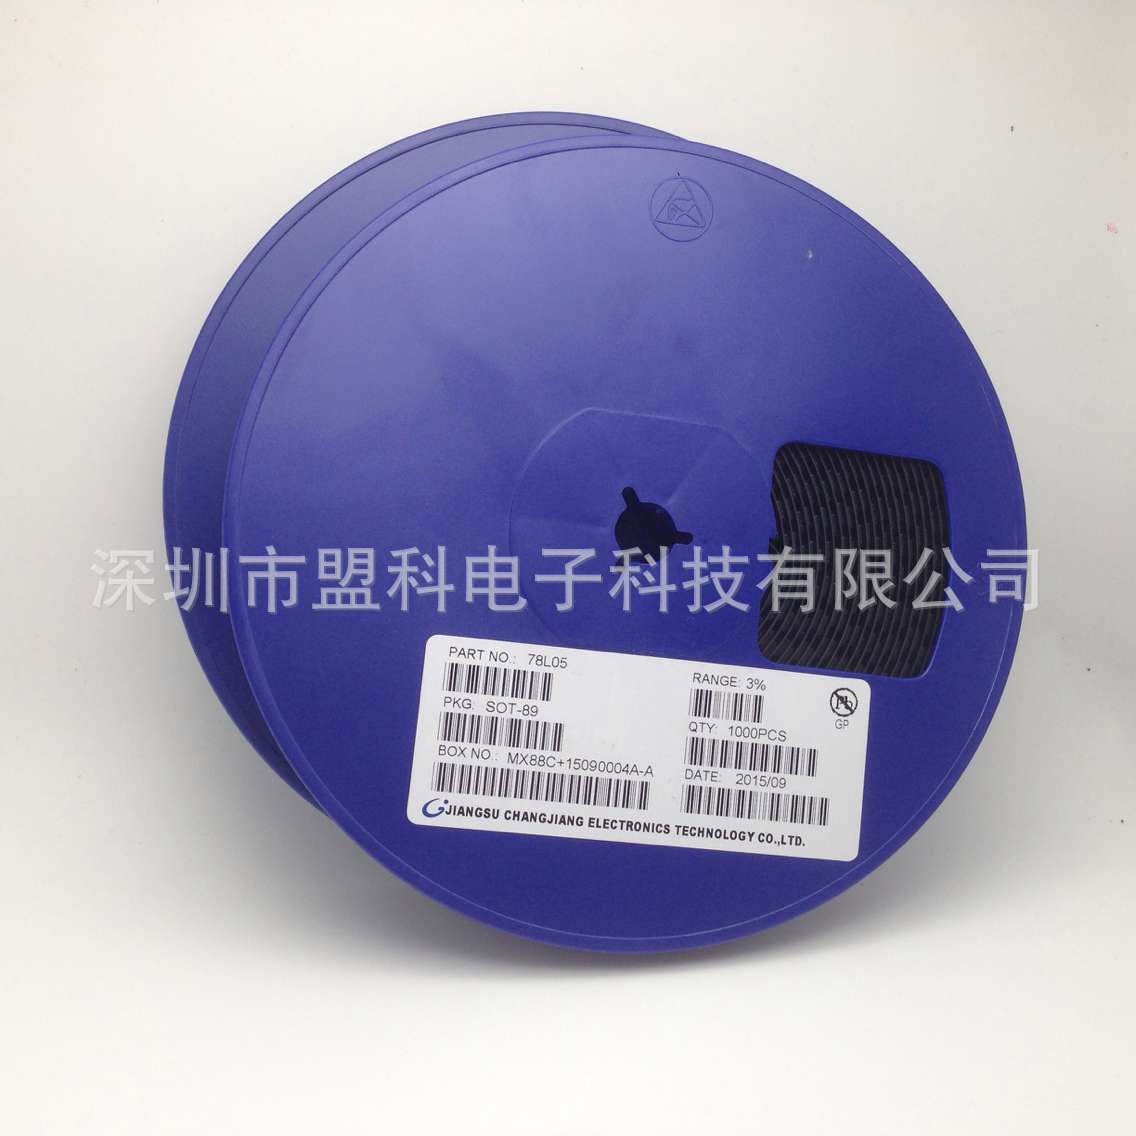 厂家MK 1N4148WT 丝印T4 SOD-323 开关二极管 质量保证 热销